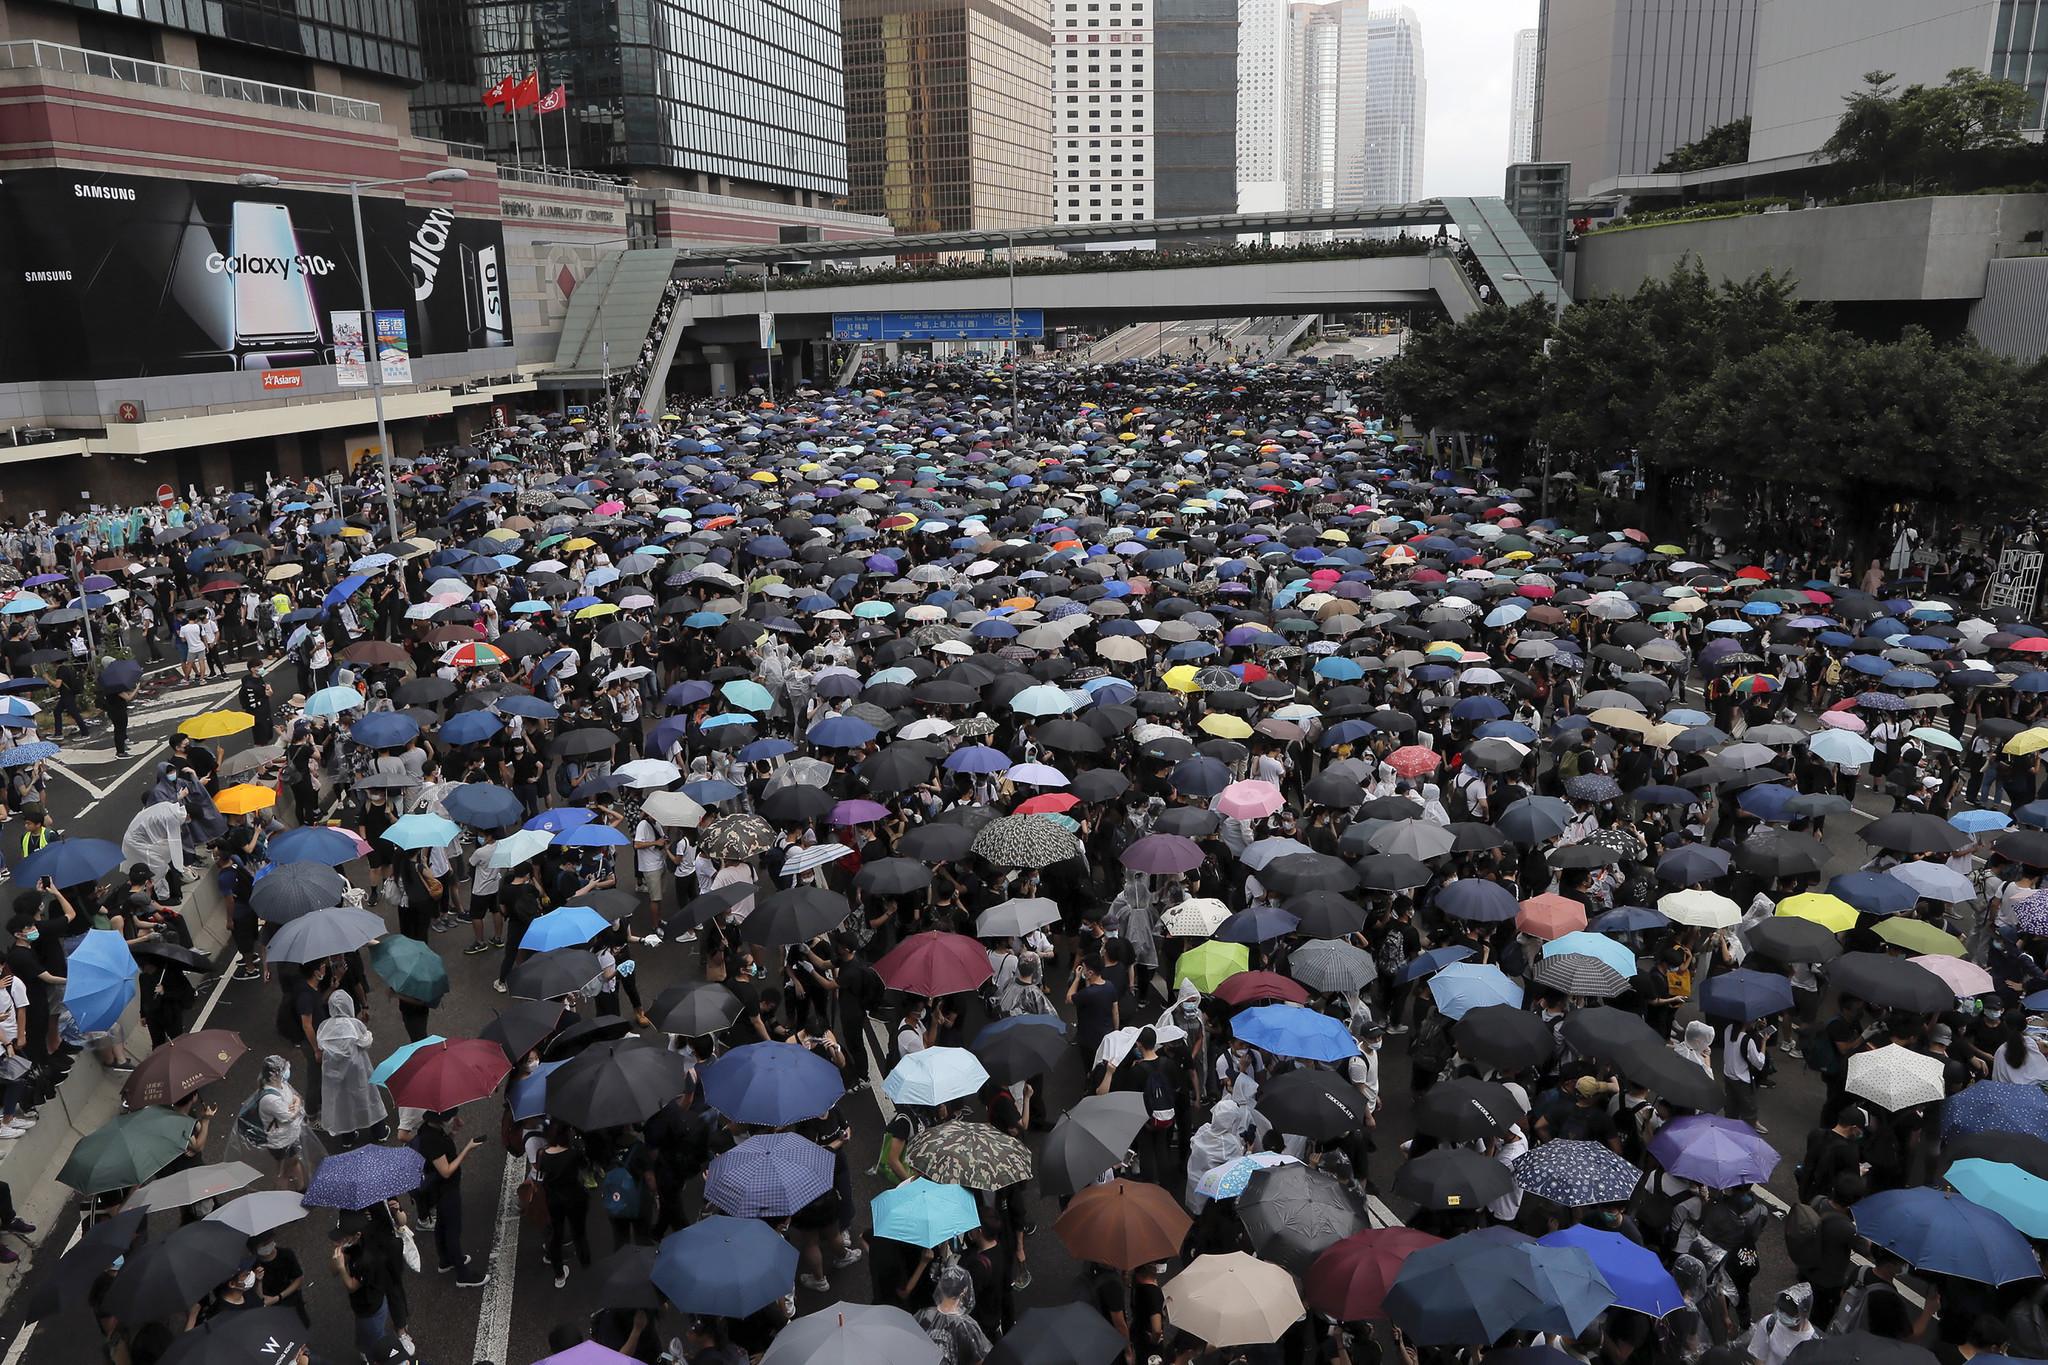 Hong Kong leader pulls Chinese extradition bill amid massive protests